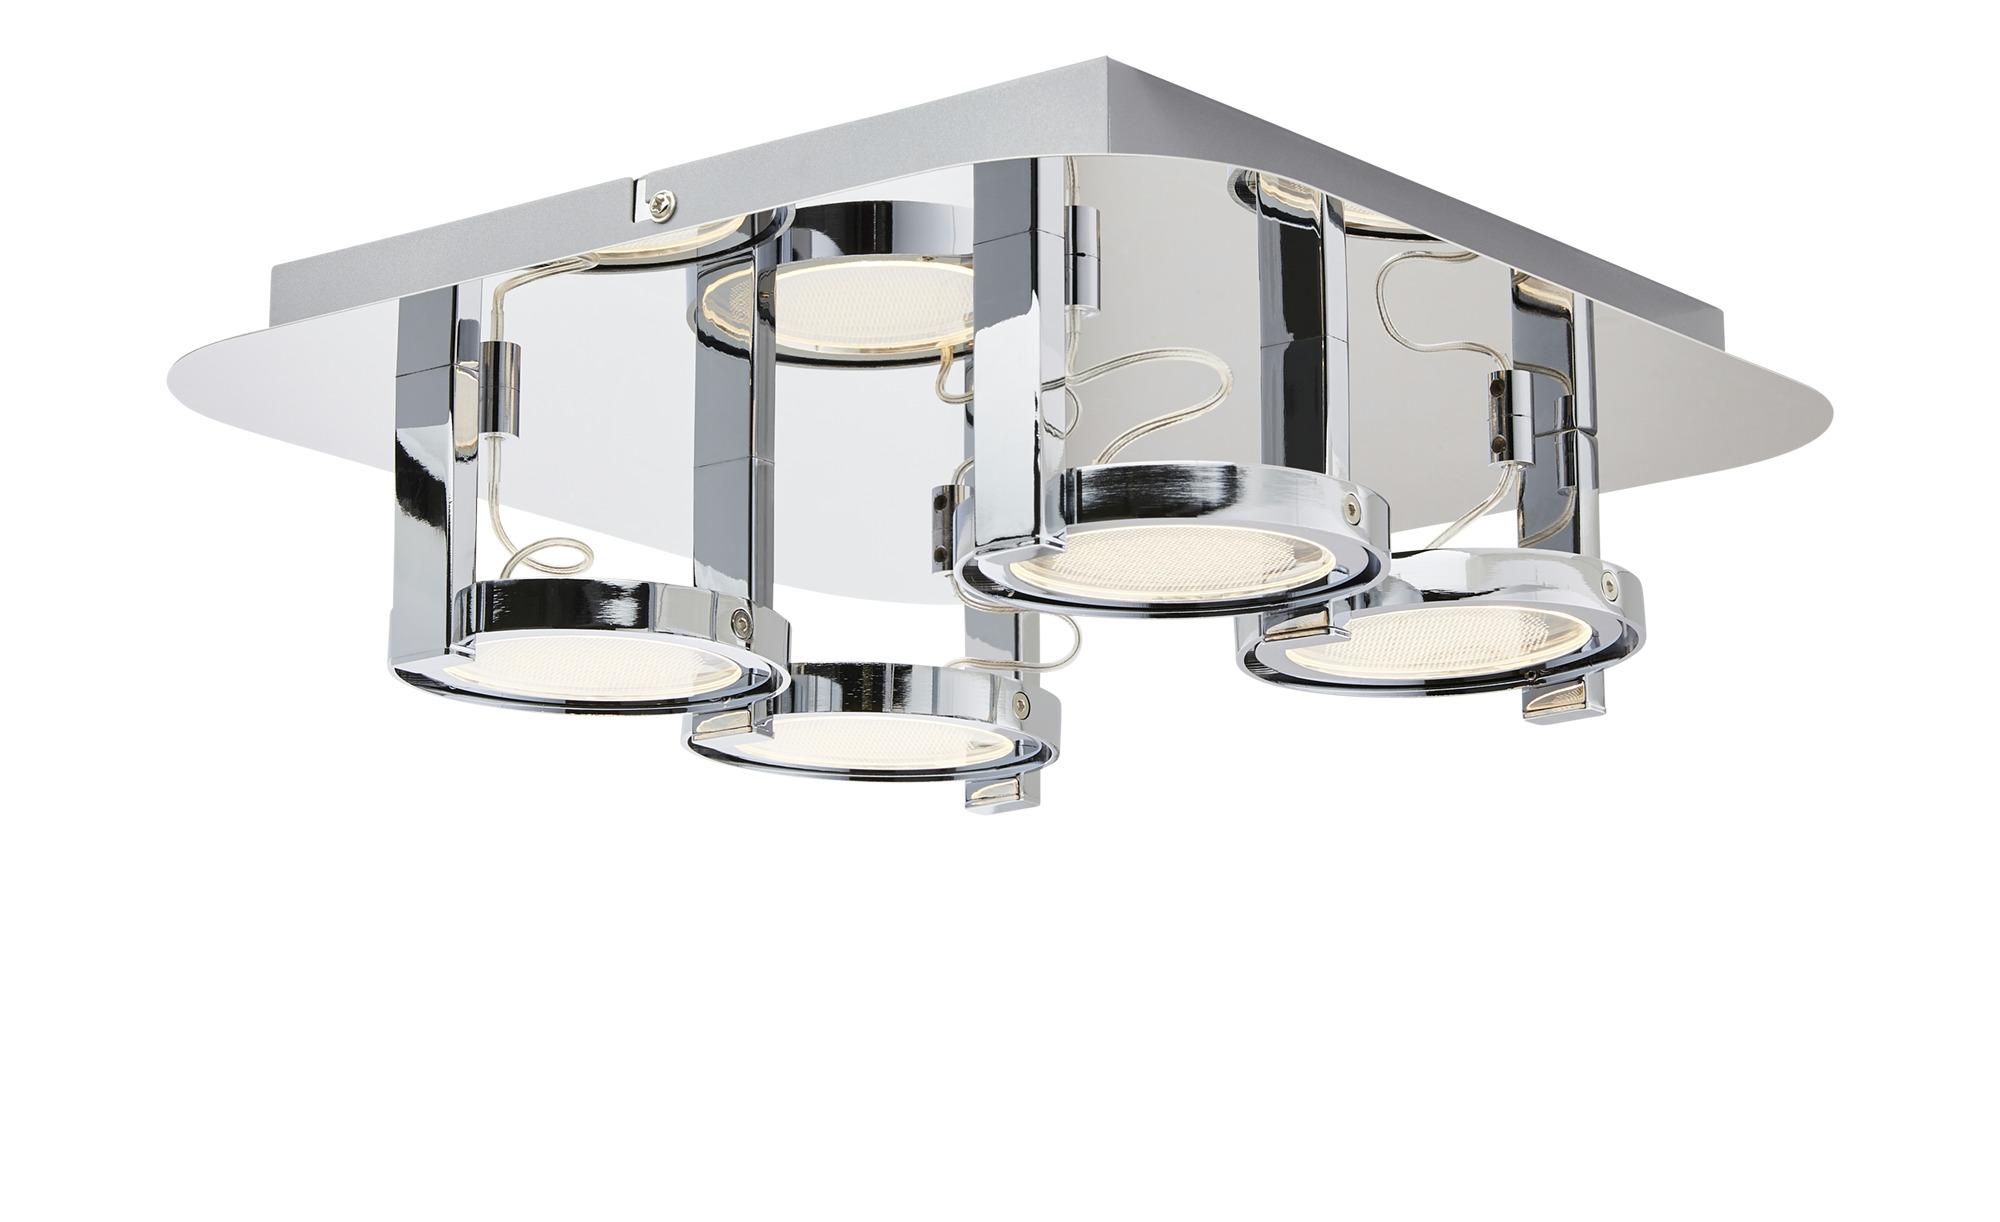 KHG LED-Deckenspot, 4-flammig, Chrom ¦ silber ¦ Maße (cm): B: 33 H: 10 Lampen & Leuchten > LED-Leuchten > LED-Strahler & Spots - Höffner